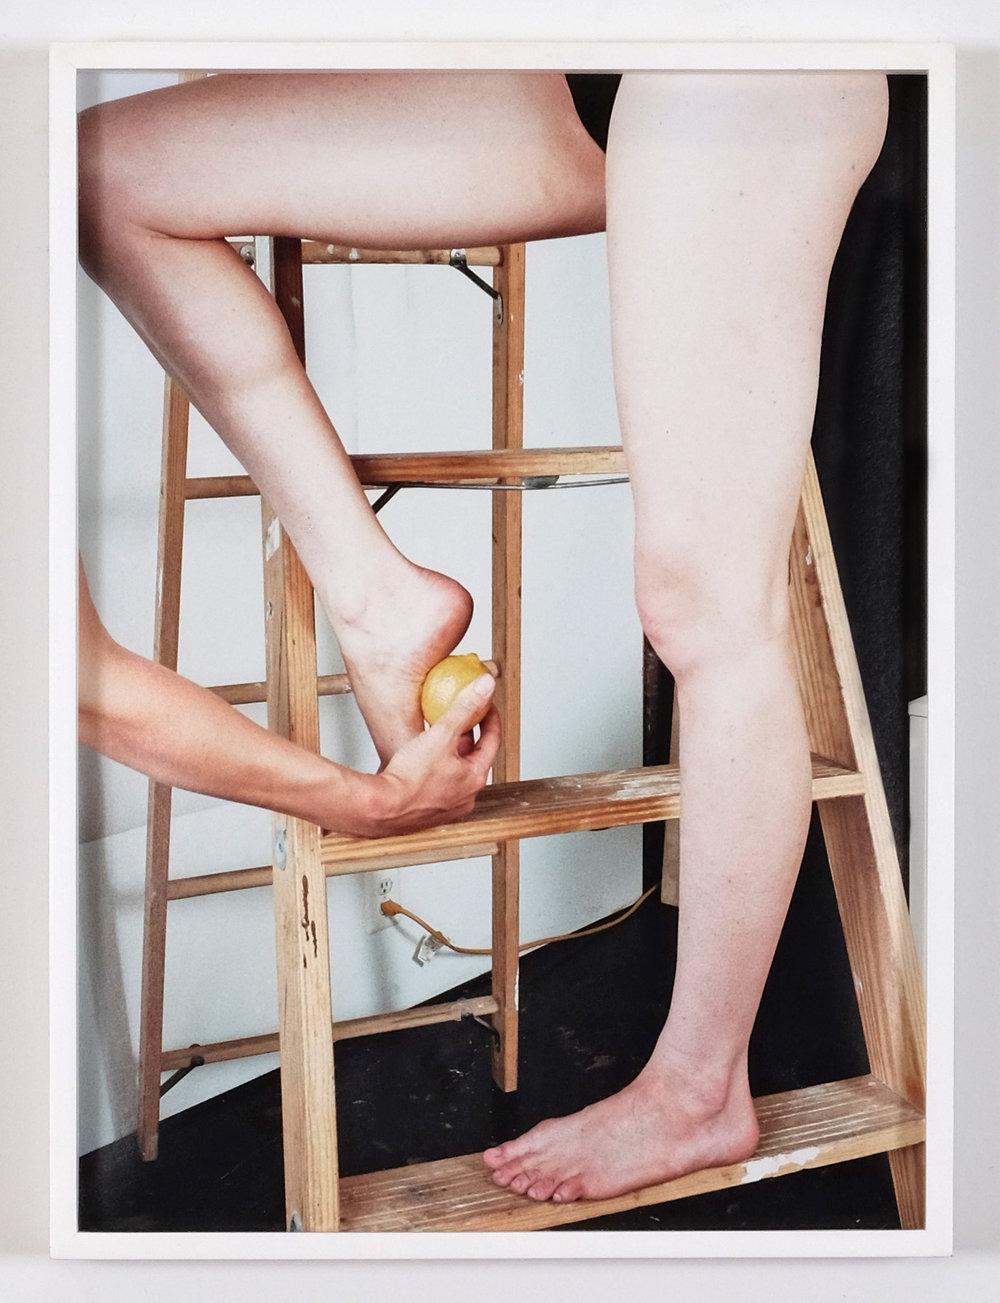 Ladder, Legs, Lemon , 2015, inkjet print, 22.5 x 15 inches